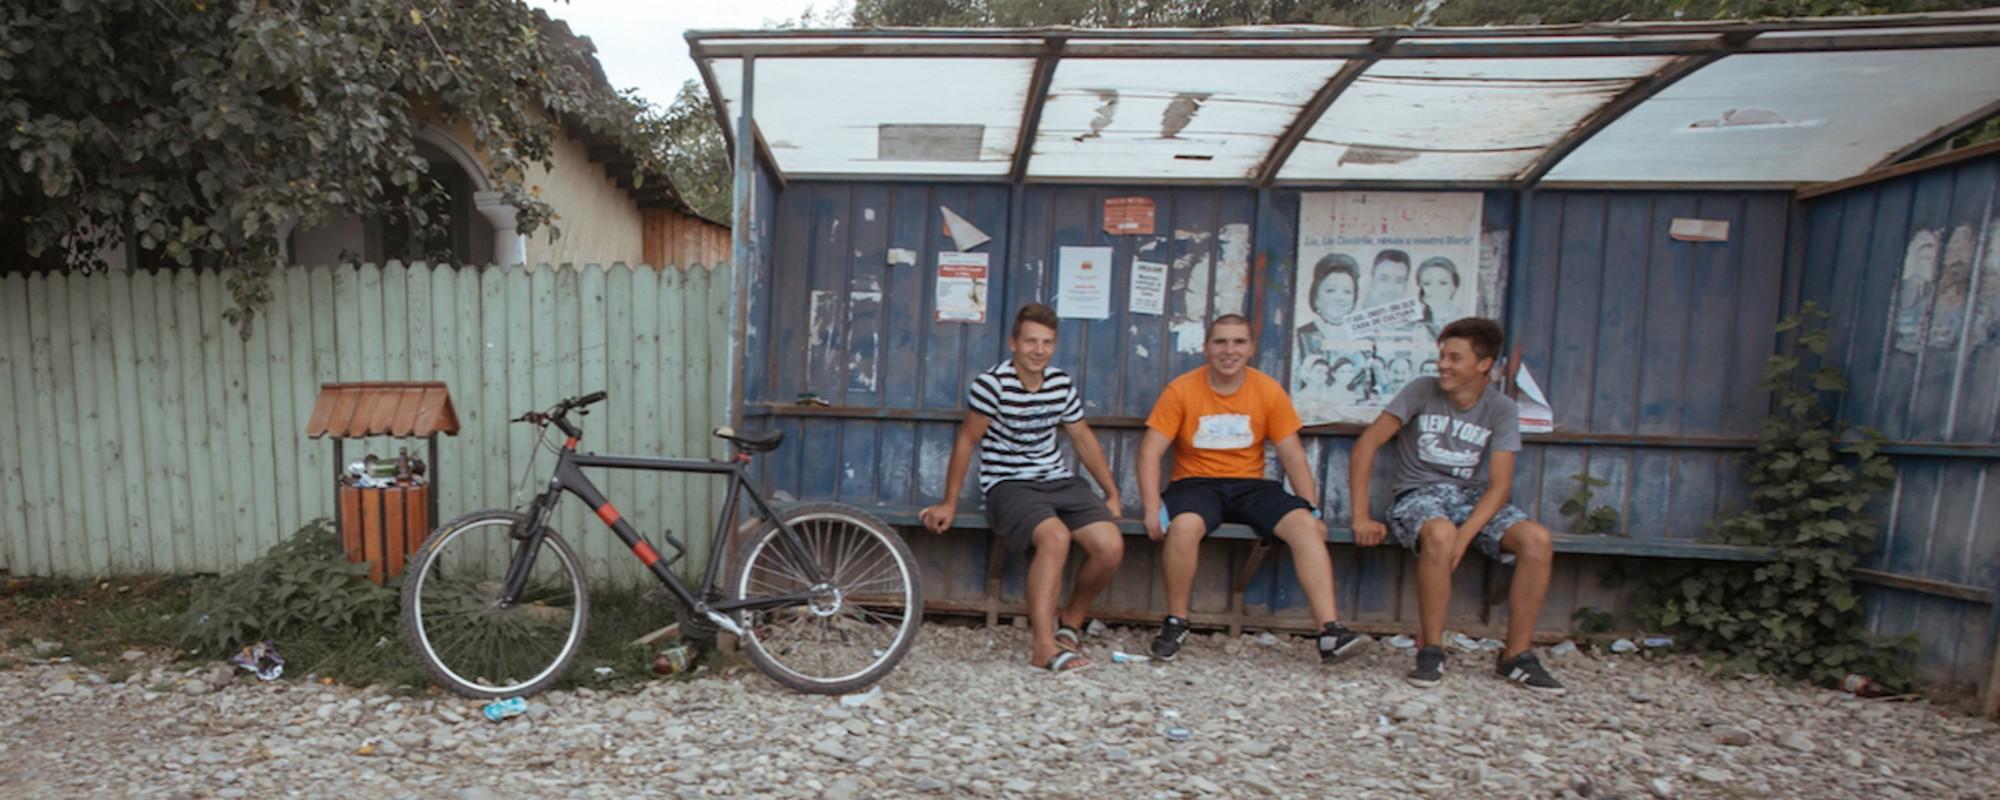 Fotografii cu bicicliști români de la țară, care-ți arată că transportul pe două roți nu-i doar pentru snobi